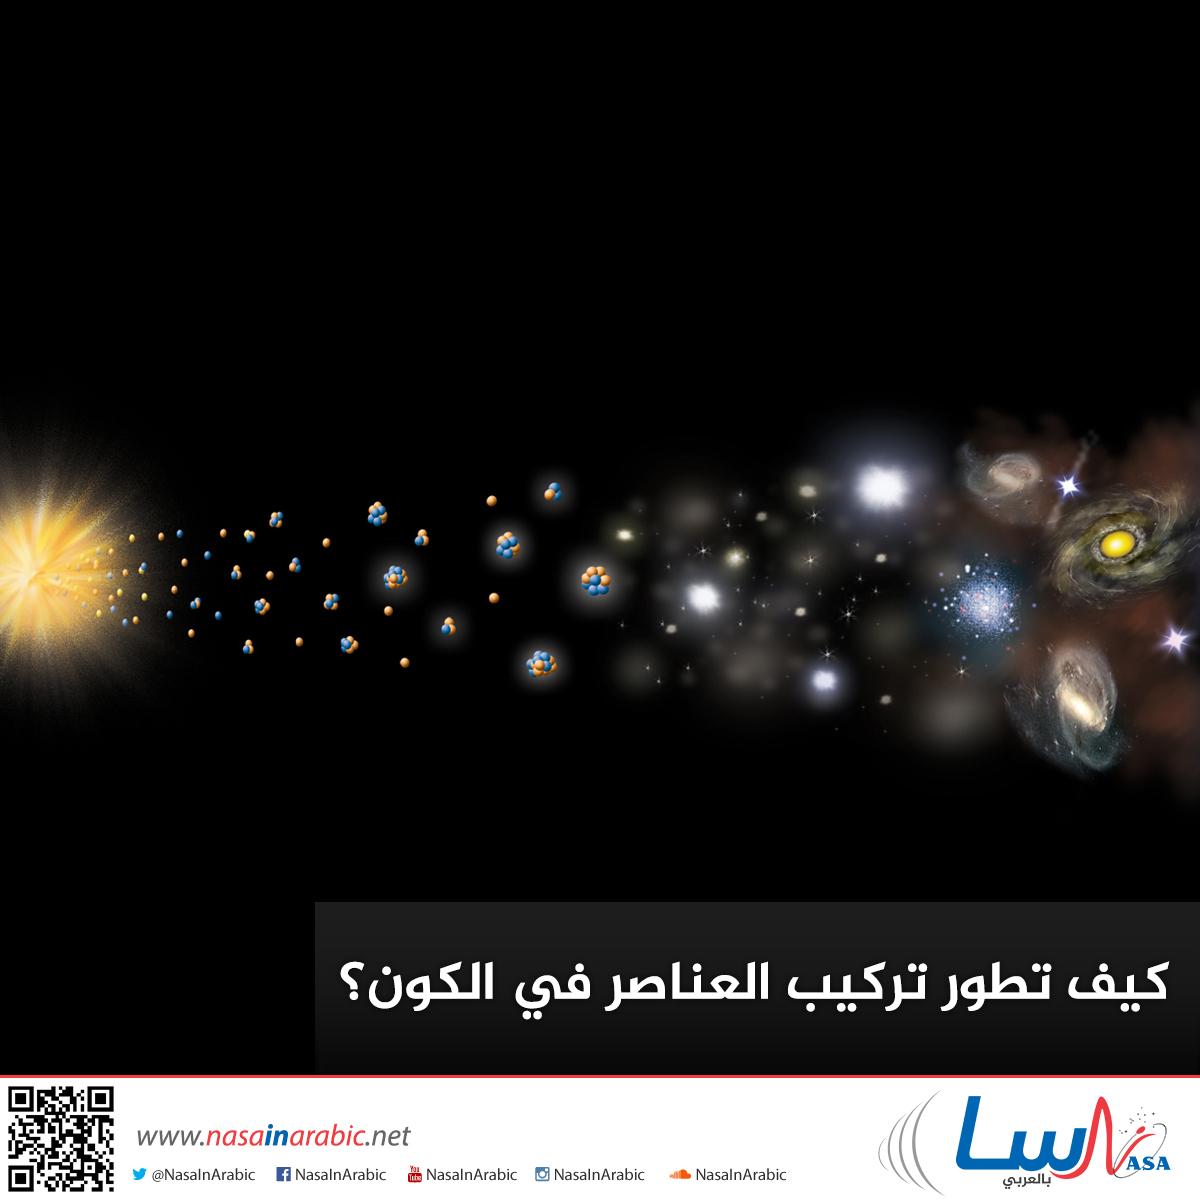 كيف تطور تركيب العناصر في الكون؟